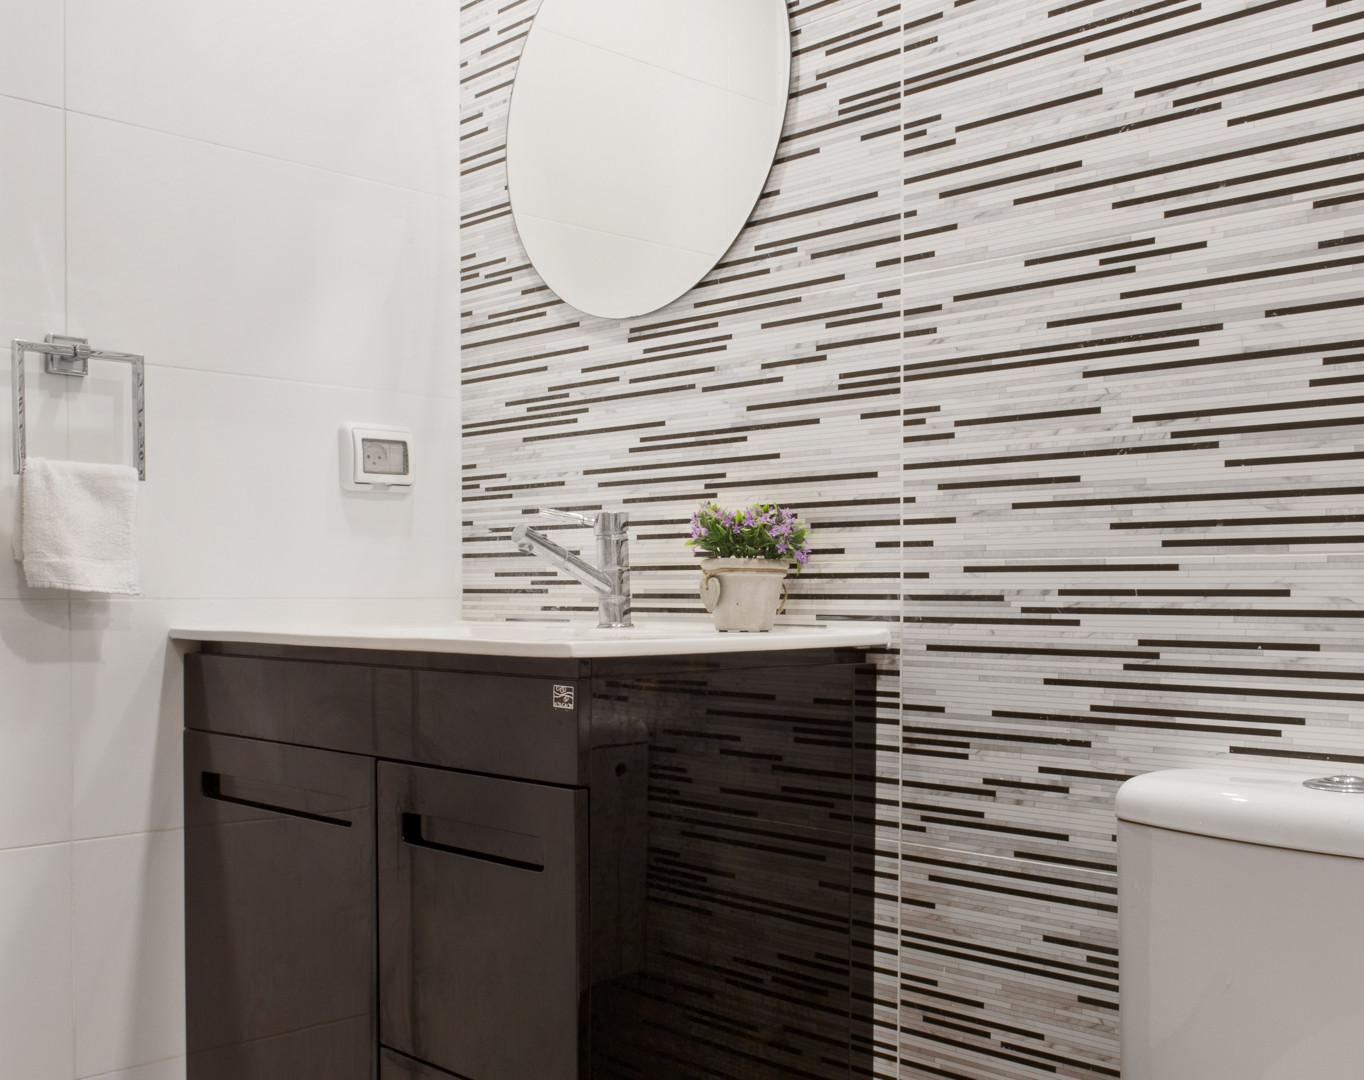 עיצוב אמבטיה שחור-לבן